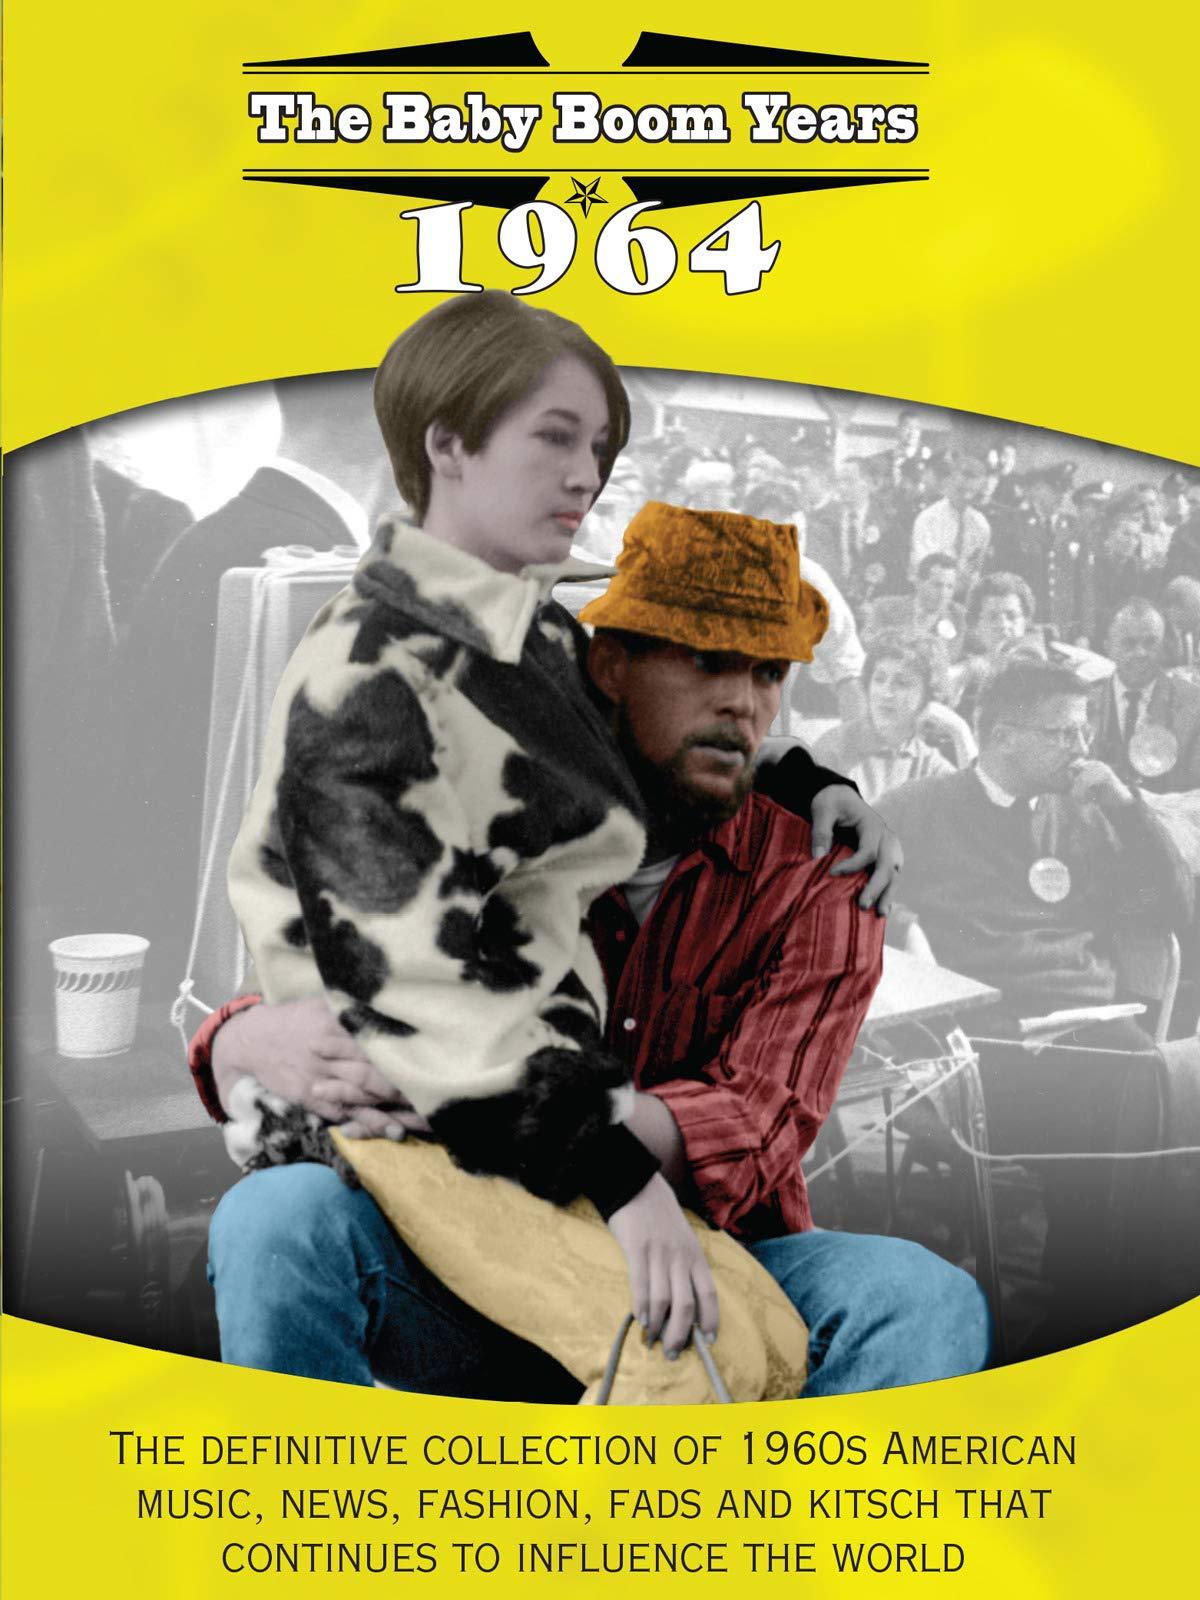 Baby Boom Years: 1964 on Amazon Prime Video UK